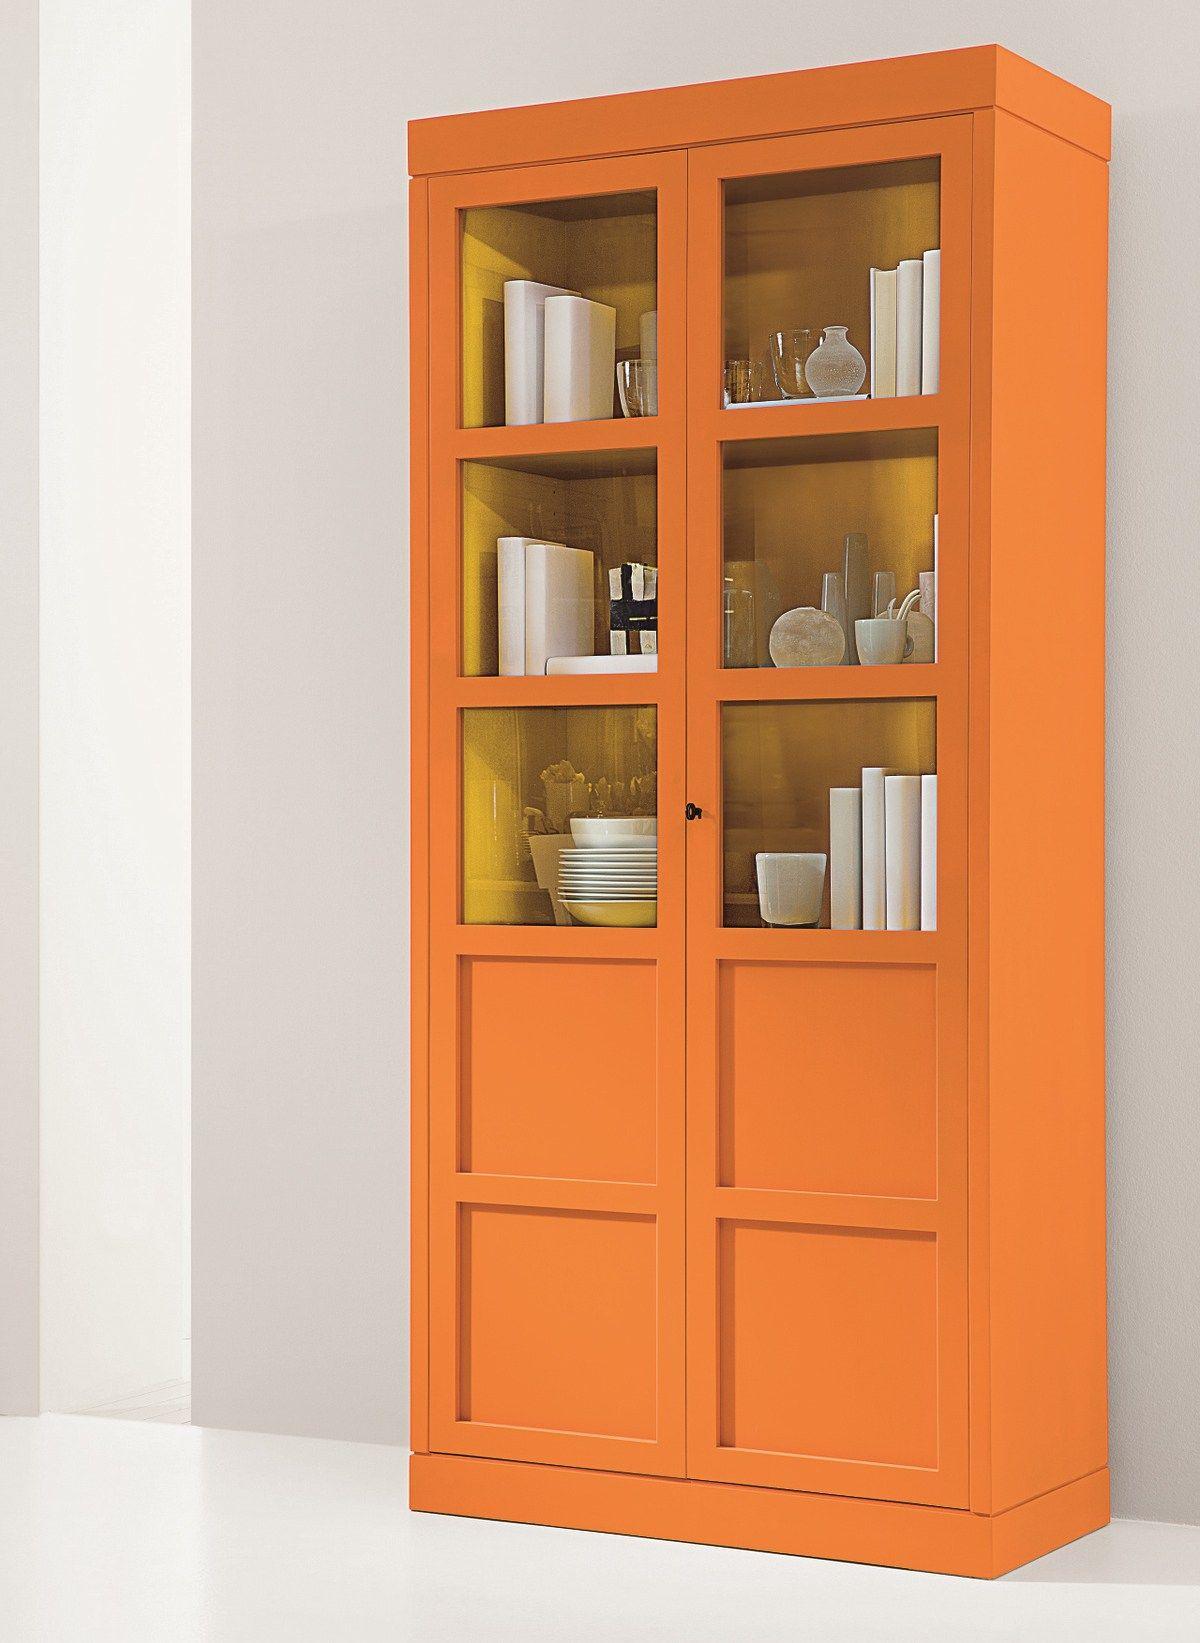 vetrina laccata in legno e vetro 6338 1 by marktex. Black Bedroom Furniture Sets. Home Design Ideas